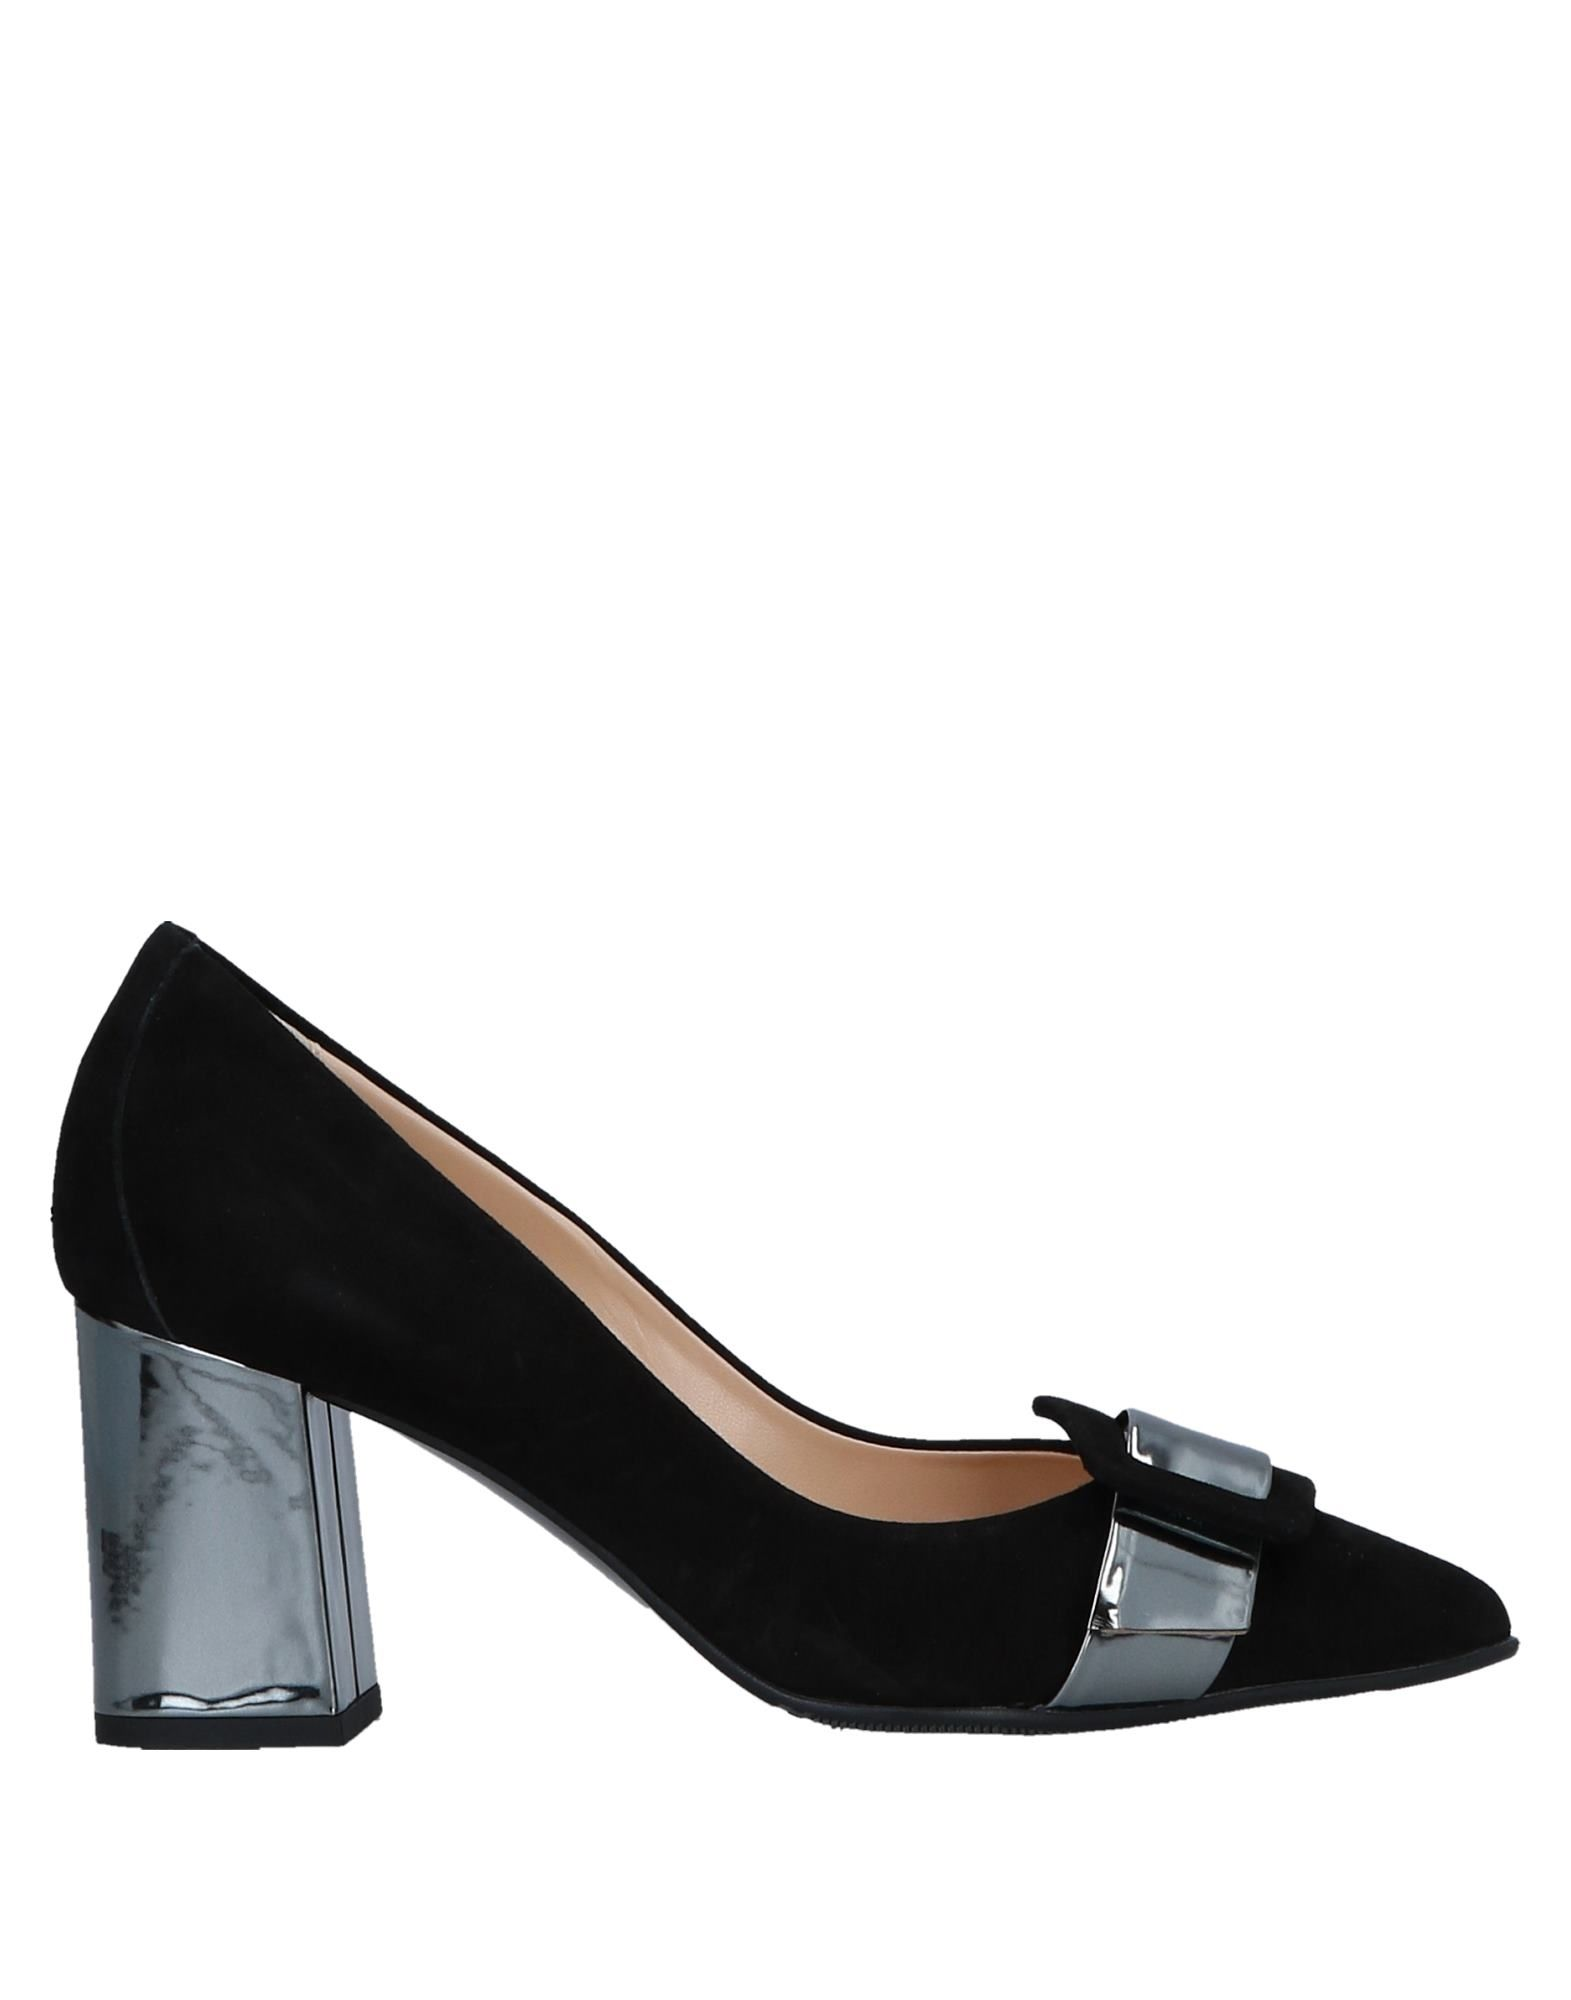 F.Lli Bruglia Pumps Damen  11520323LLGut aussehende strapazierfähige Schuhe